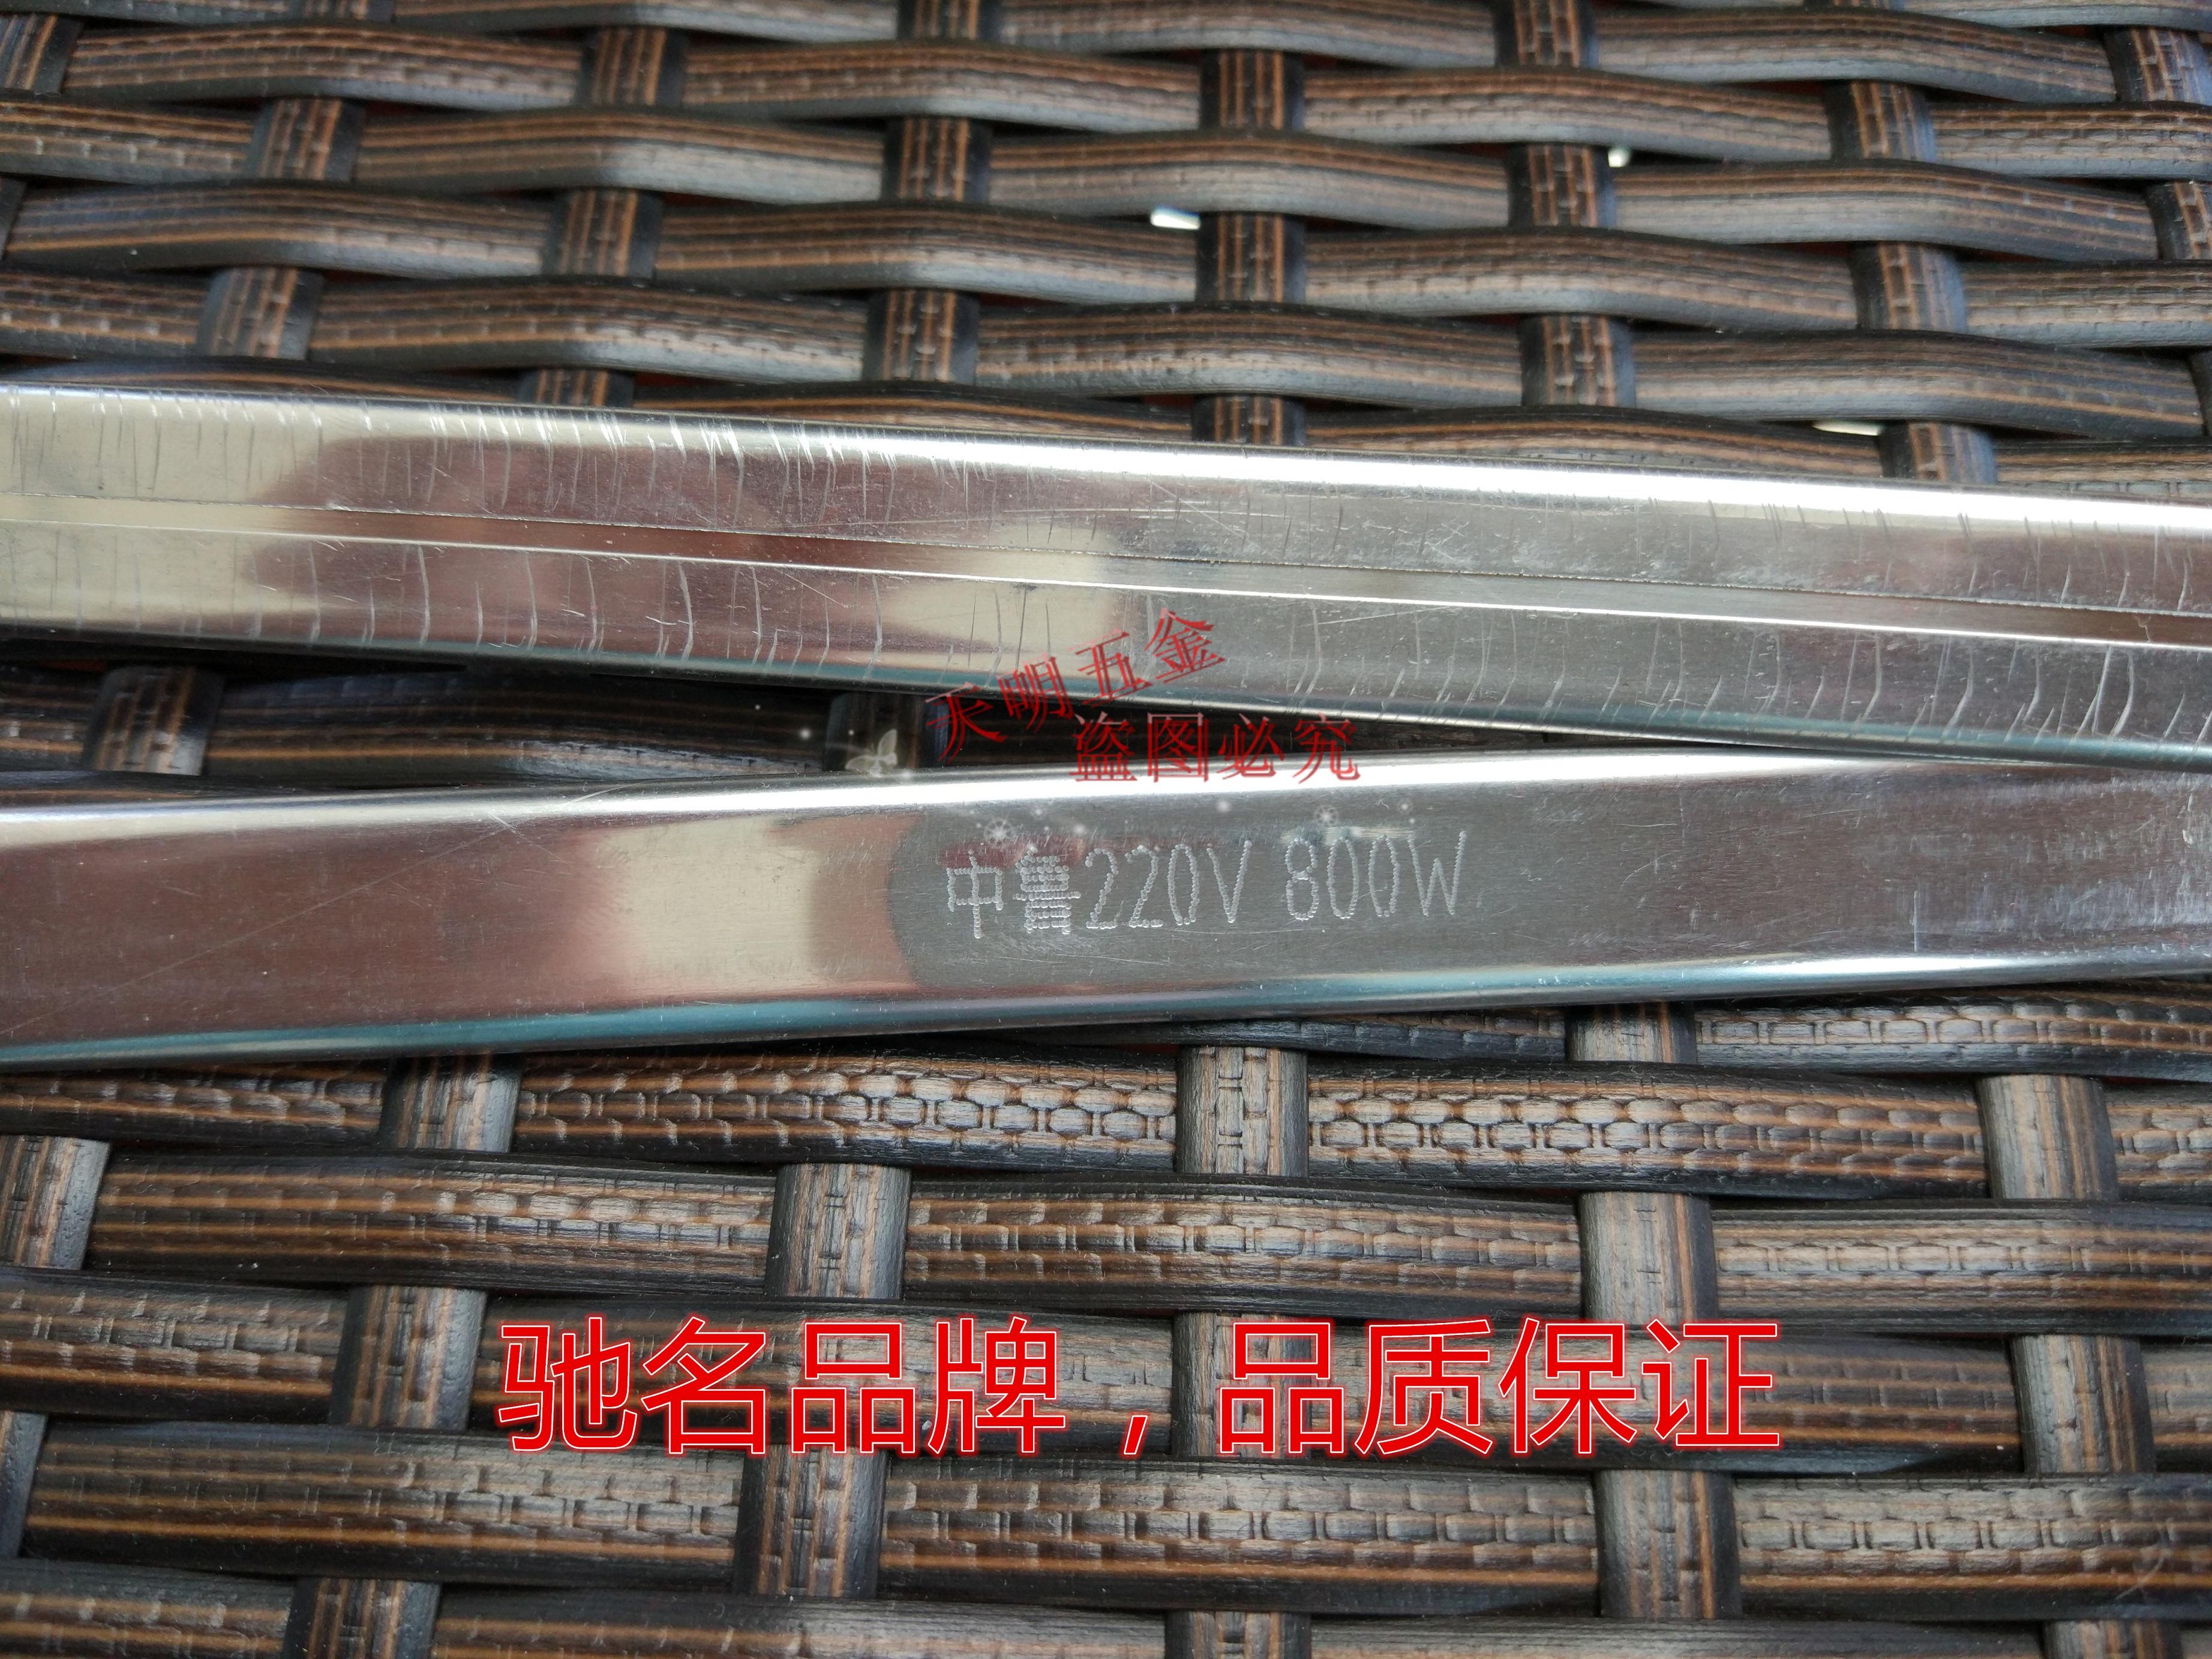 Các nhà sản xuất máy đóng gói gối loại phụ kiện hoành phong nhiệt điện sưởi ấm vùng 220V800W50V800 mảnh